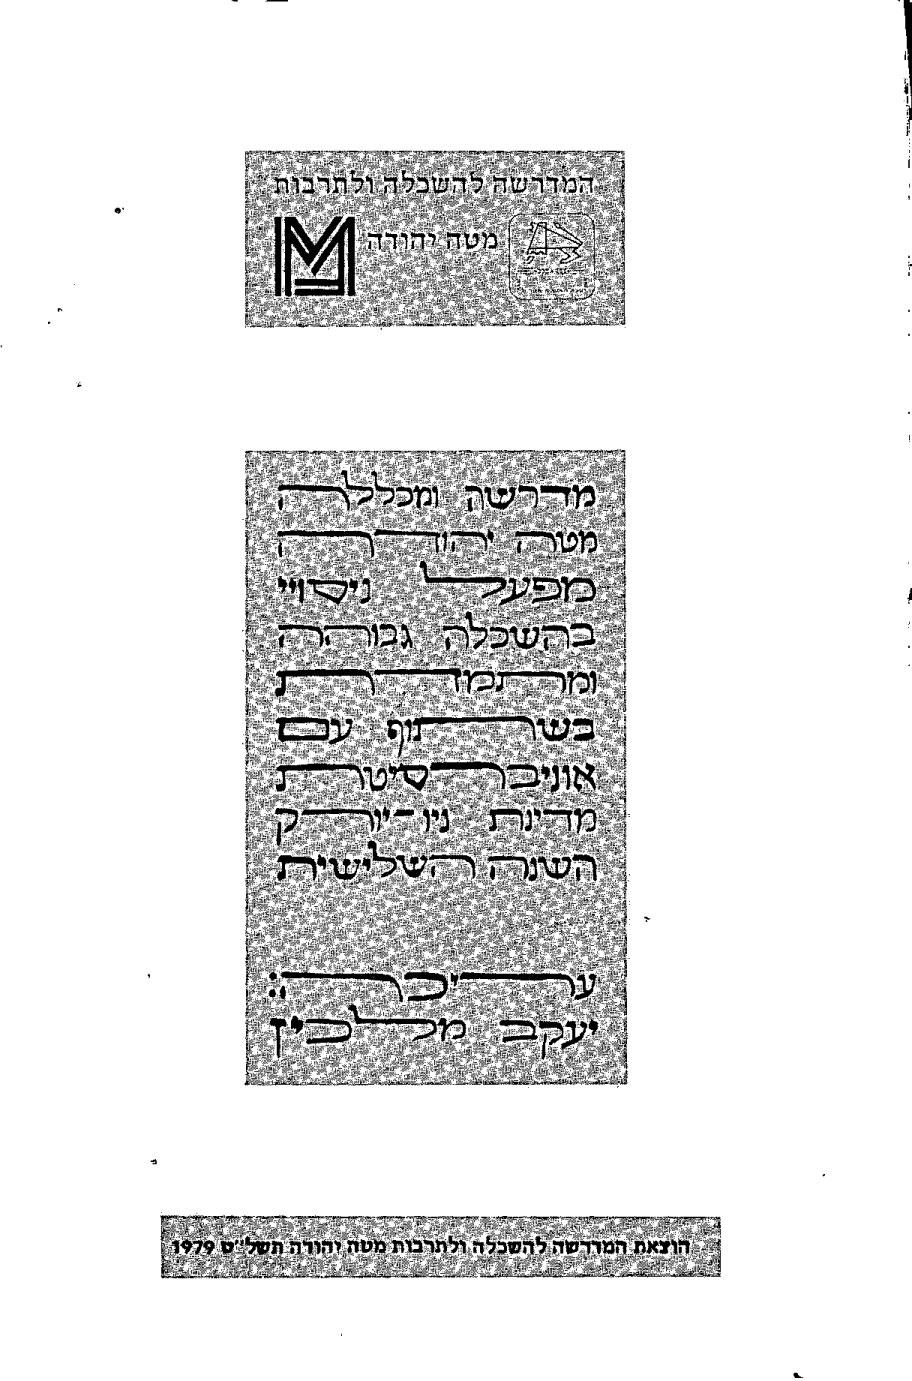 פיתוח שיטות השכלה גבוהה למבוגרים - developing pedagogical approaches to adult education - יעקב מלכין, עברית, 1979